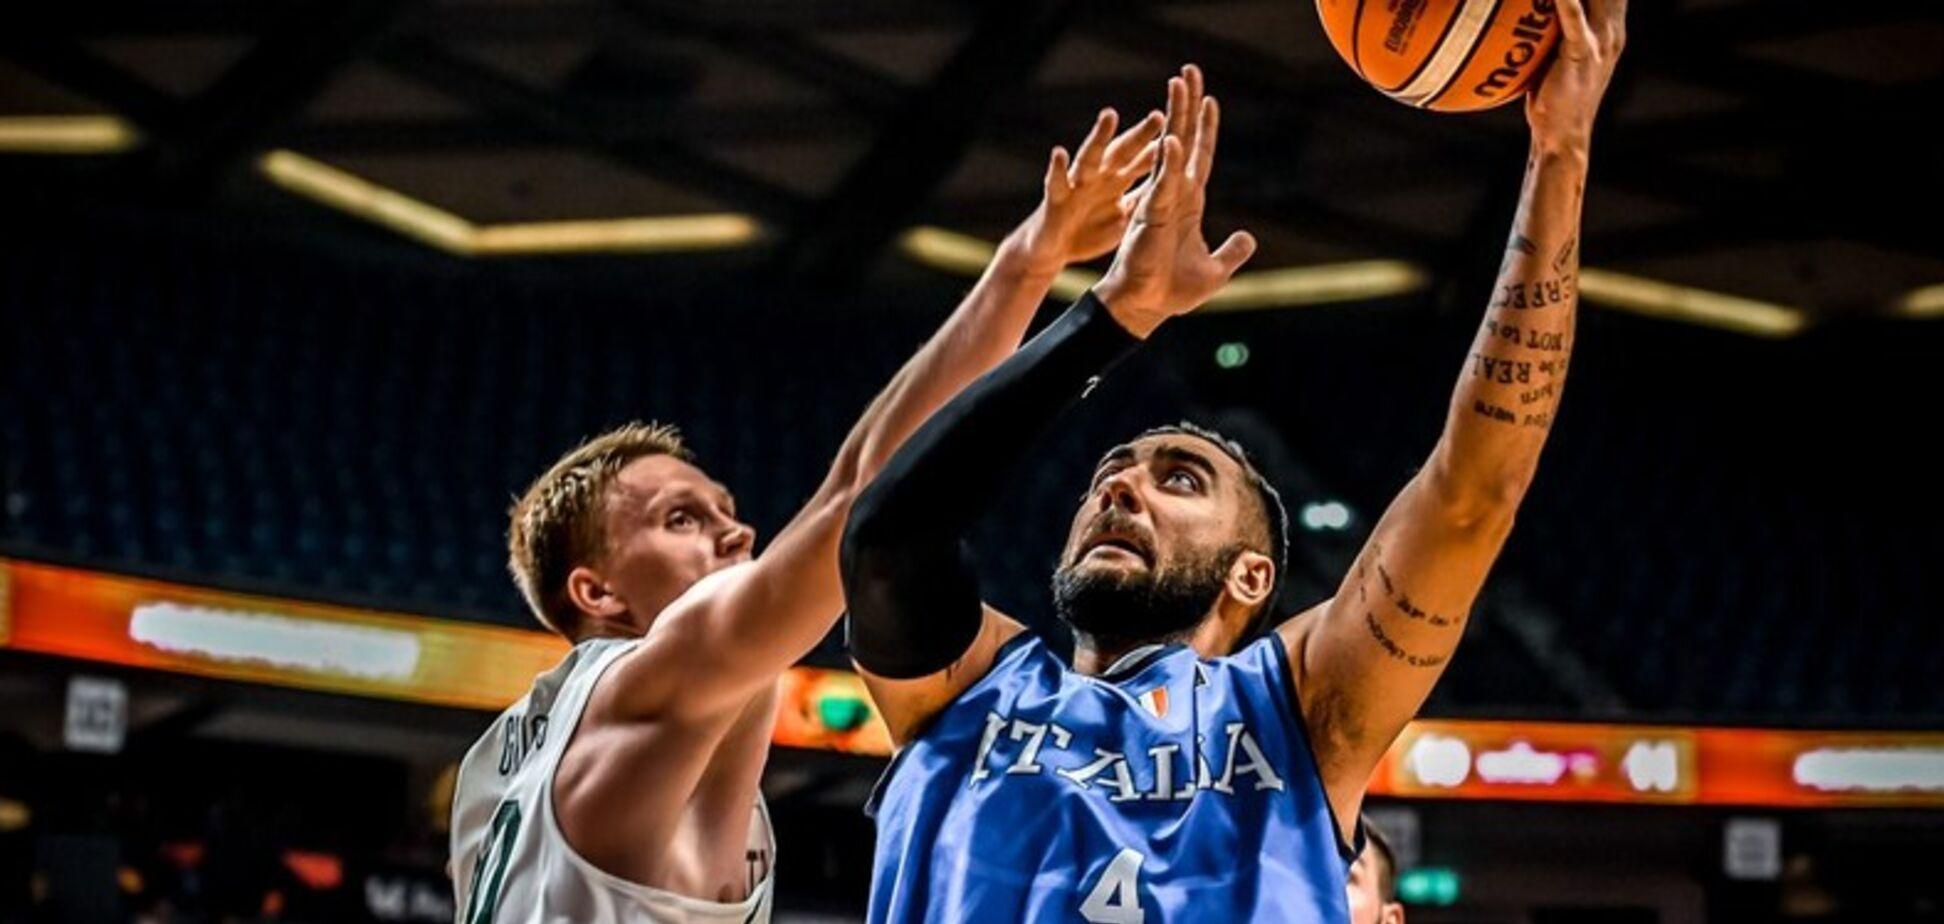 Чемпіонат світу з баскетболу-2019: стало відомо, хто покаже в Україні